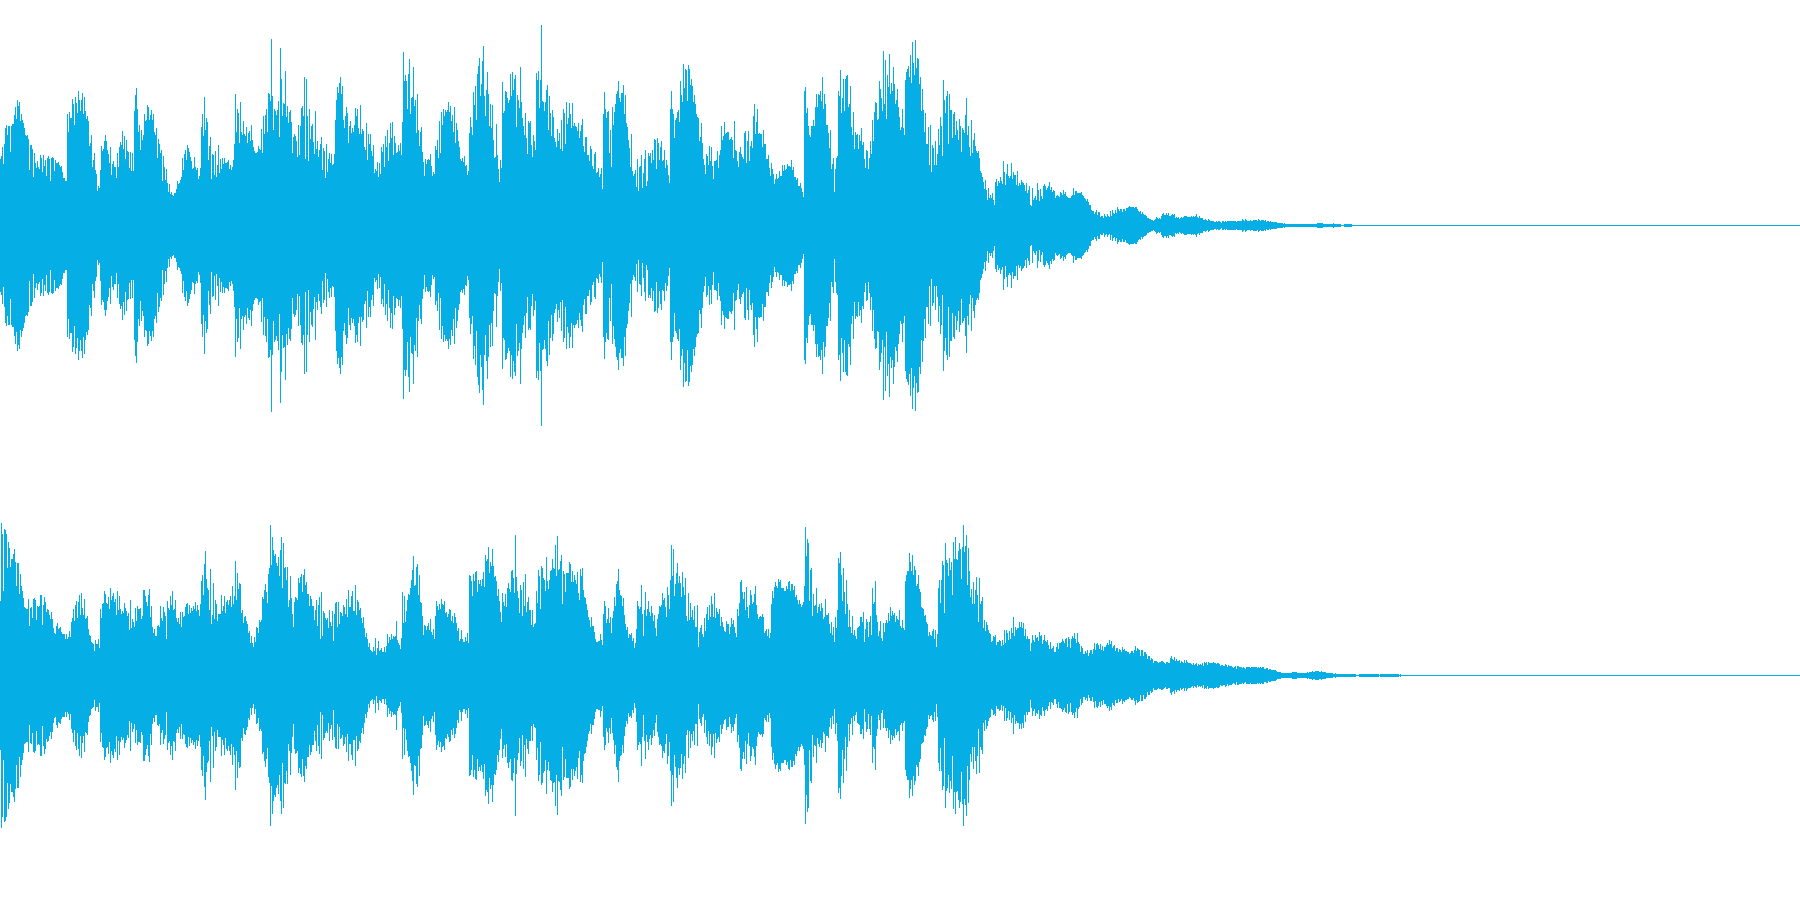 発車メロディー調のチャイムジングルの再生済みの波形